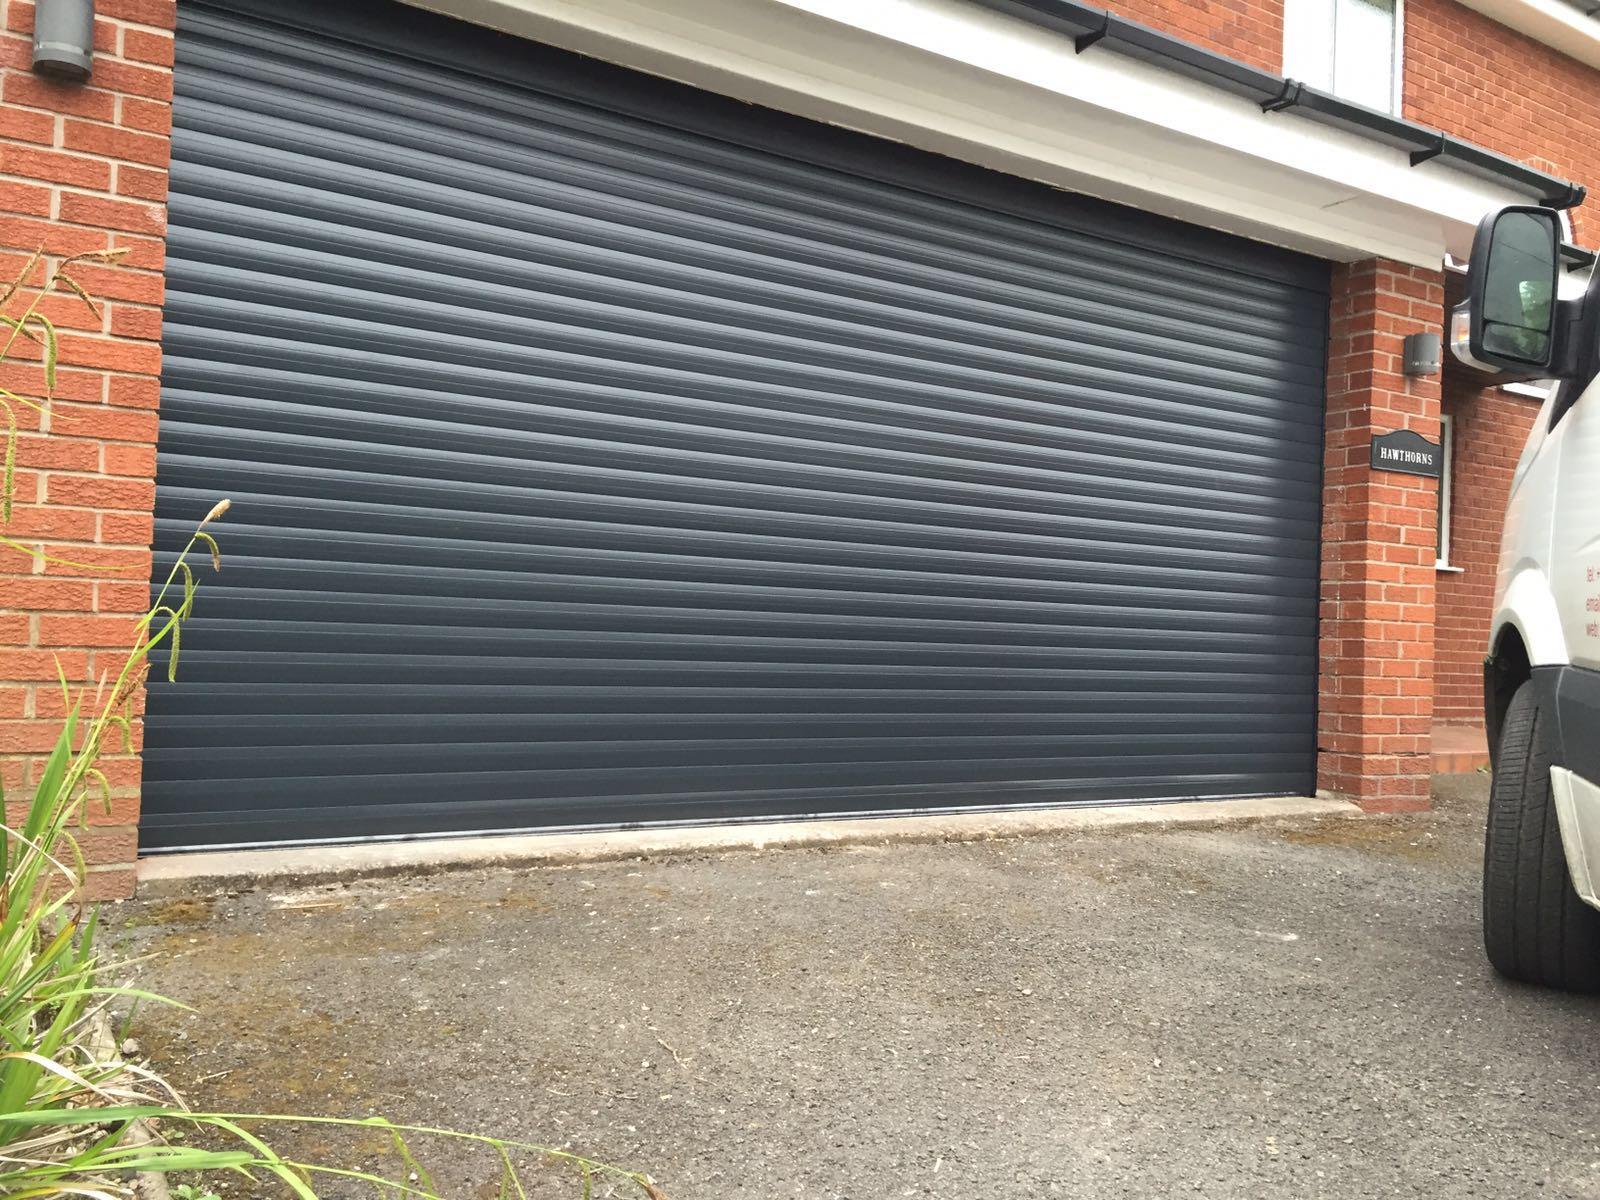 1200 #8C5D3F Roller Garage Door Prices Price Calculator Rollerdor Garage Doors wallpaper Electric Garage Doors Cost 36451600